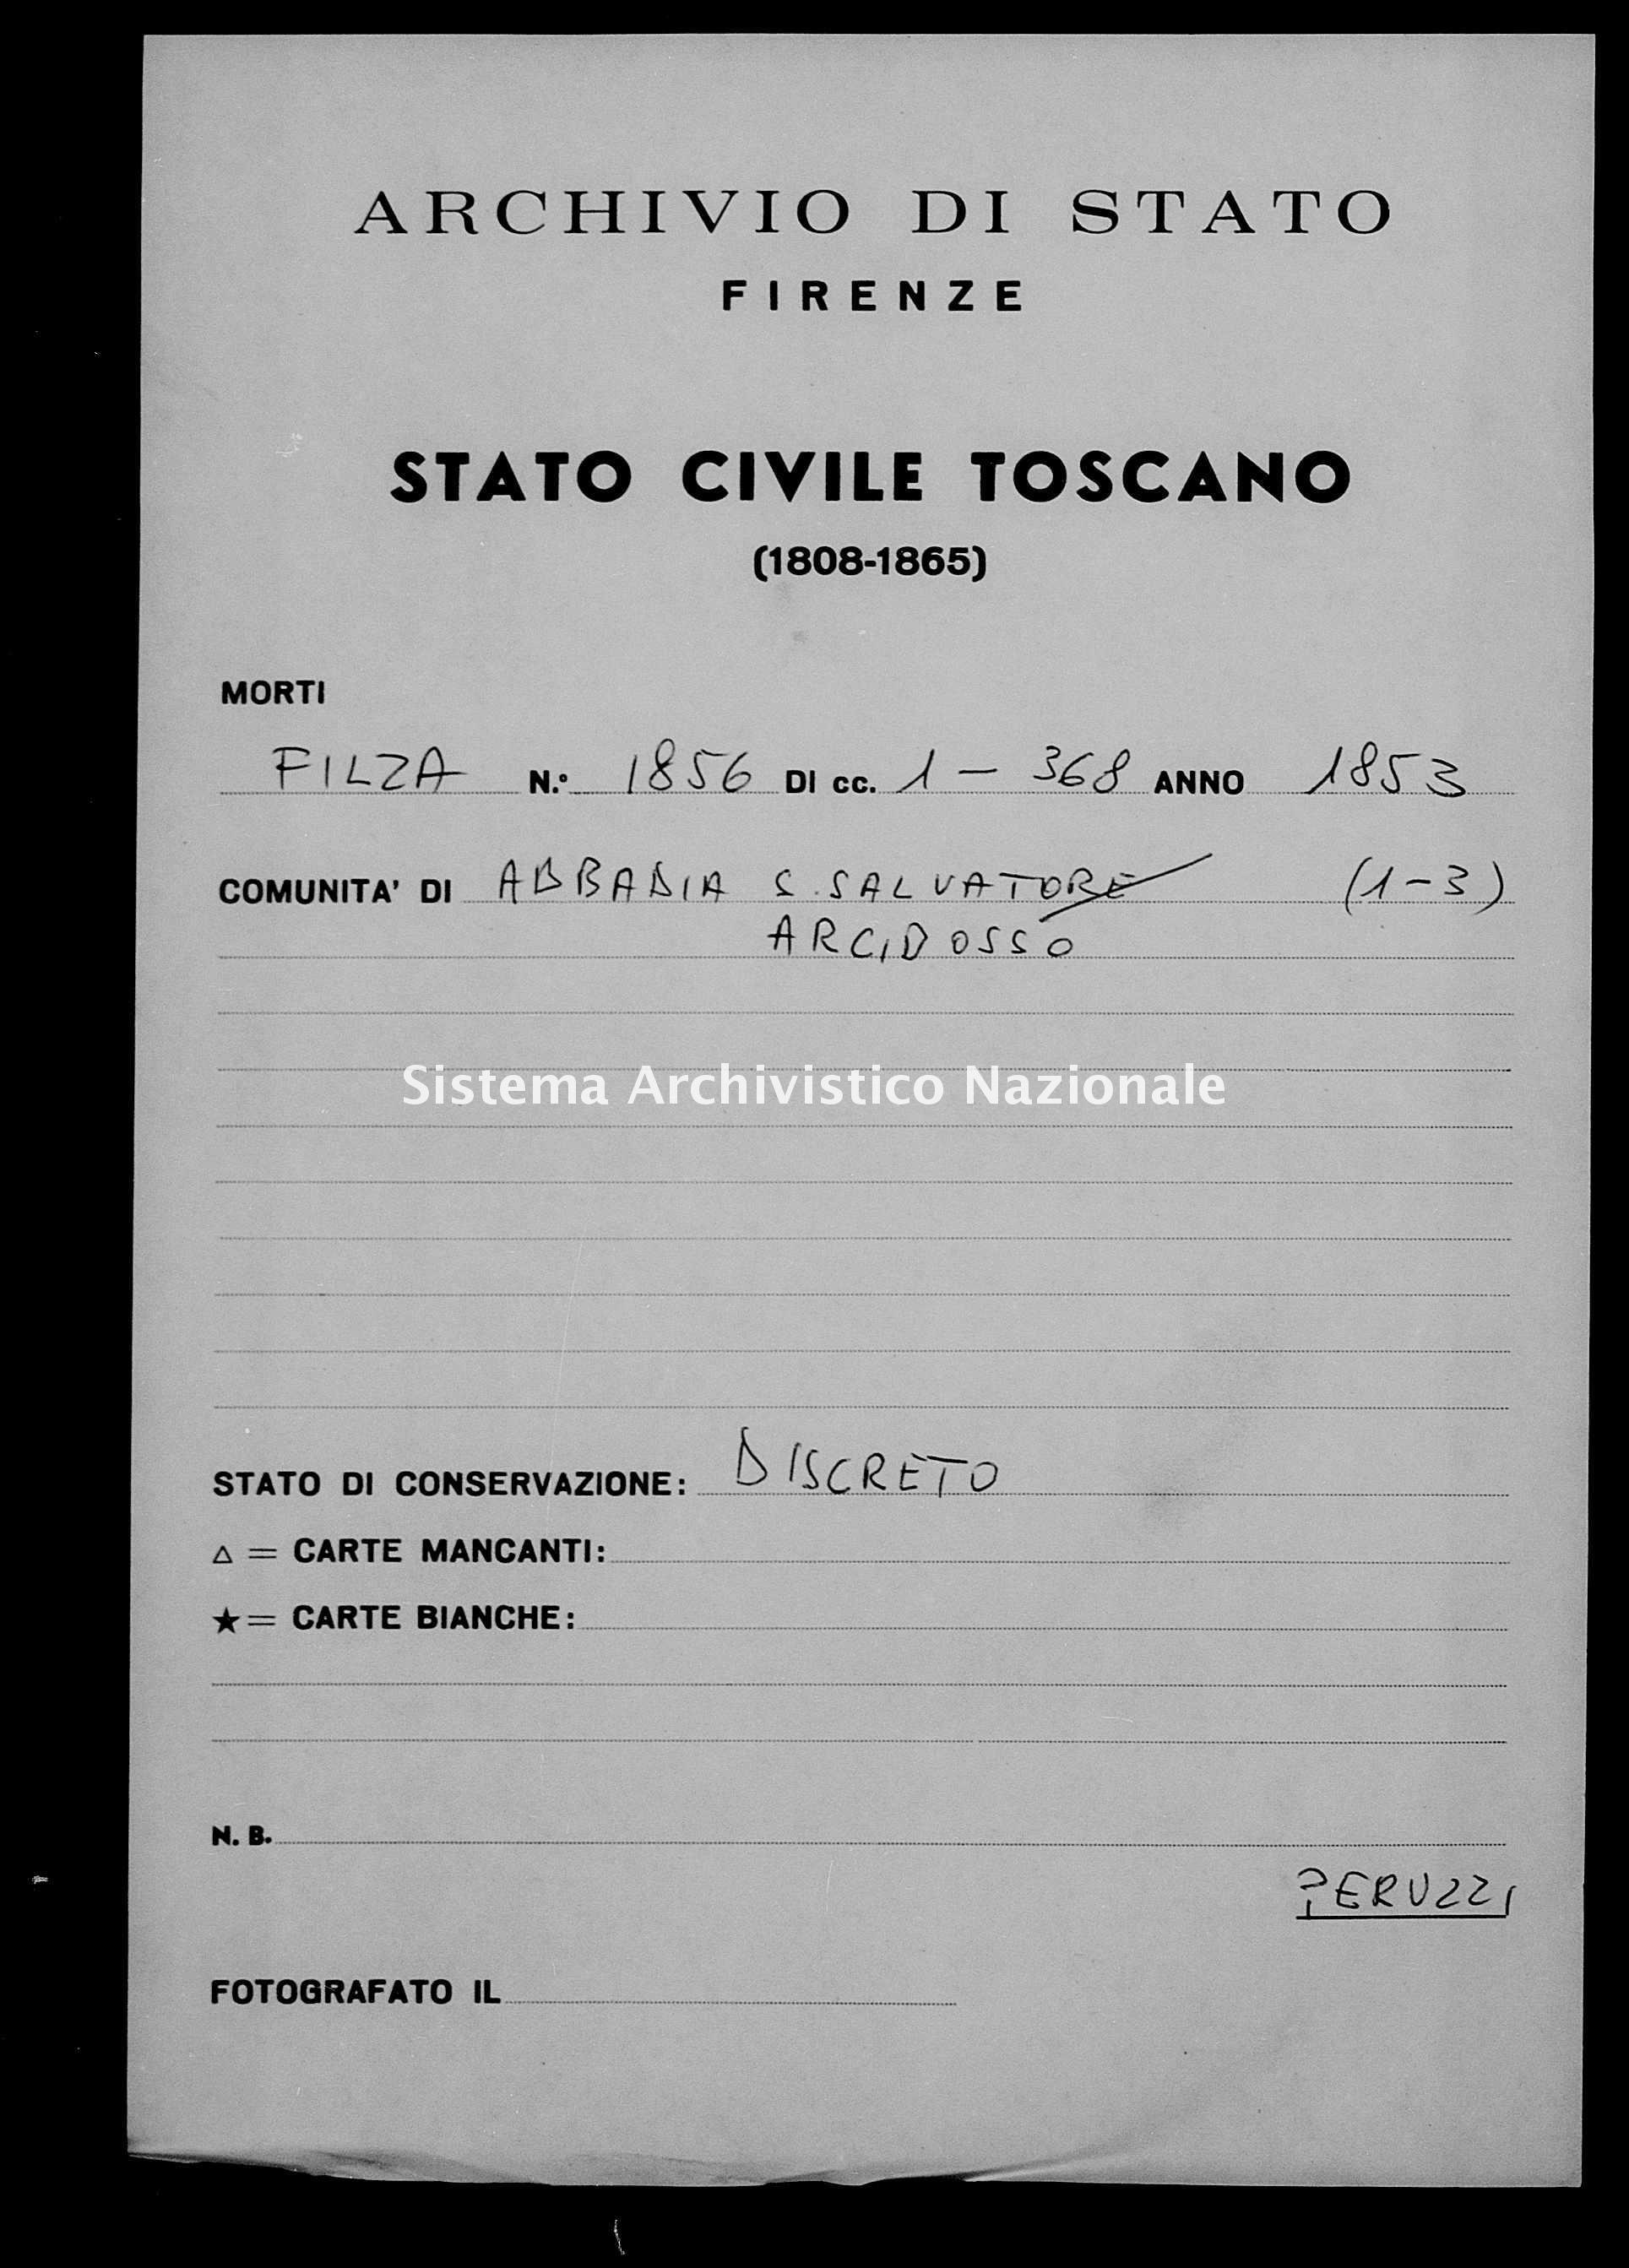 Archivio di stato di Firenze - Stato civile della restaurazione - Abbadia San Salvatore - Morti - 1853 - 1856 -